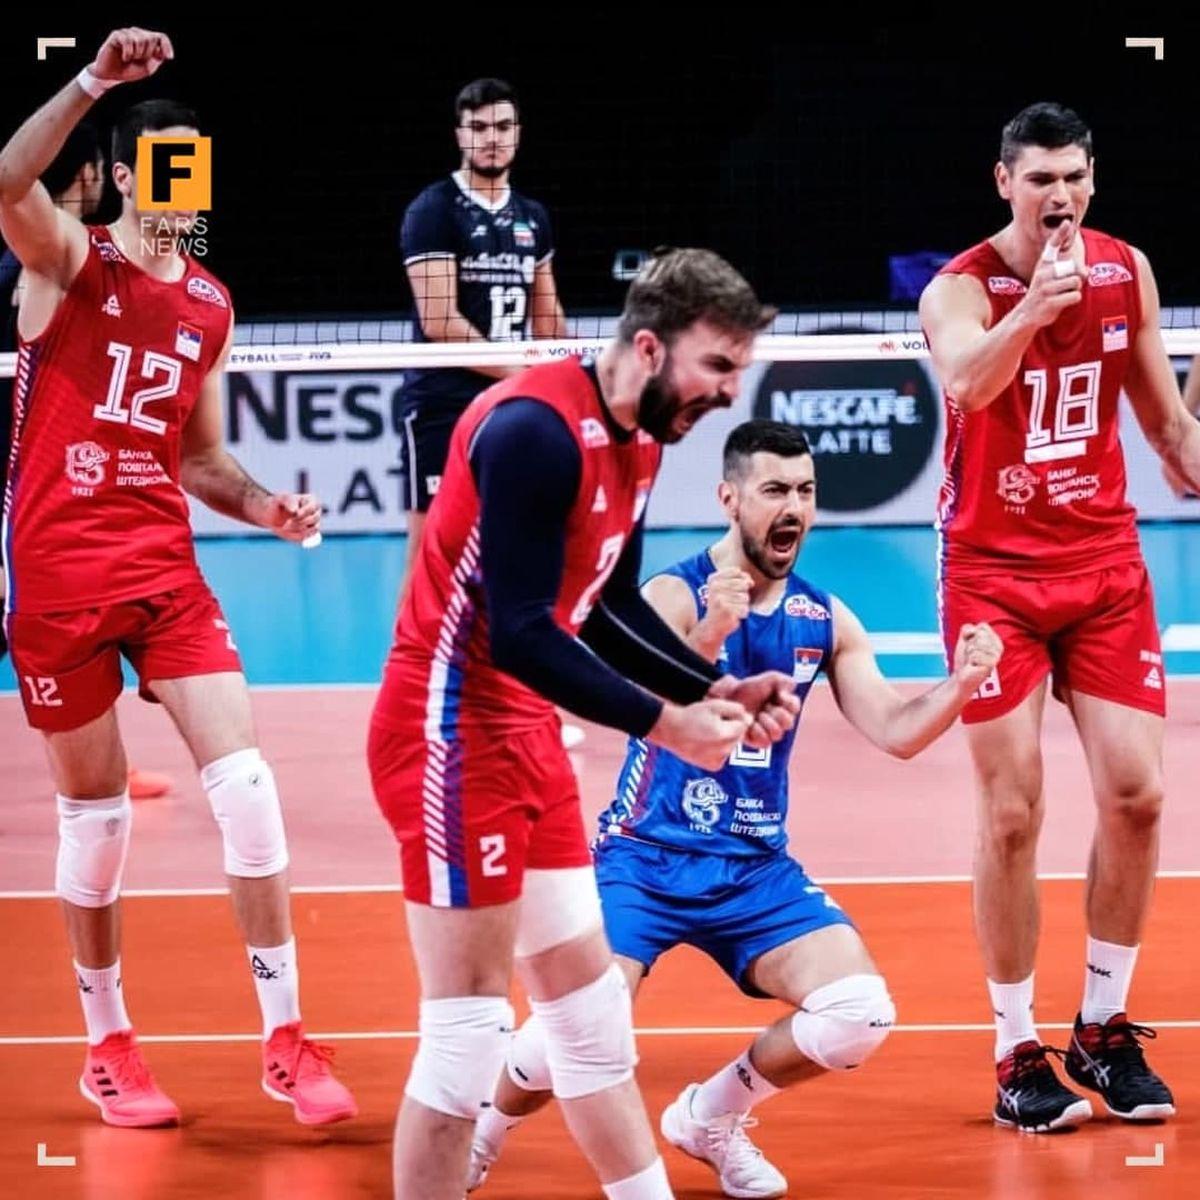 صربستان نوار پیروزیهای ایران را قطع کرد